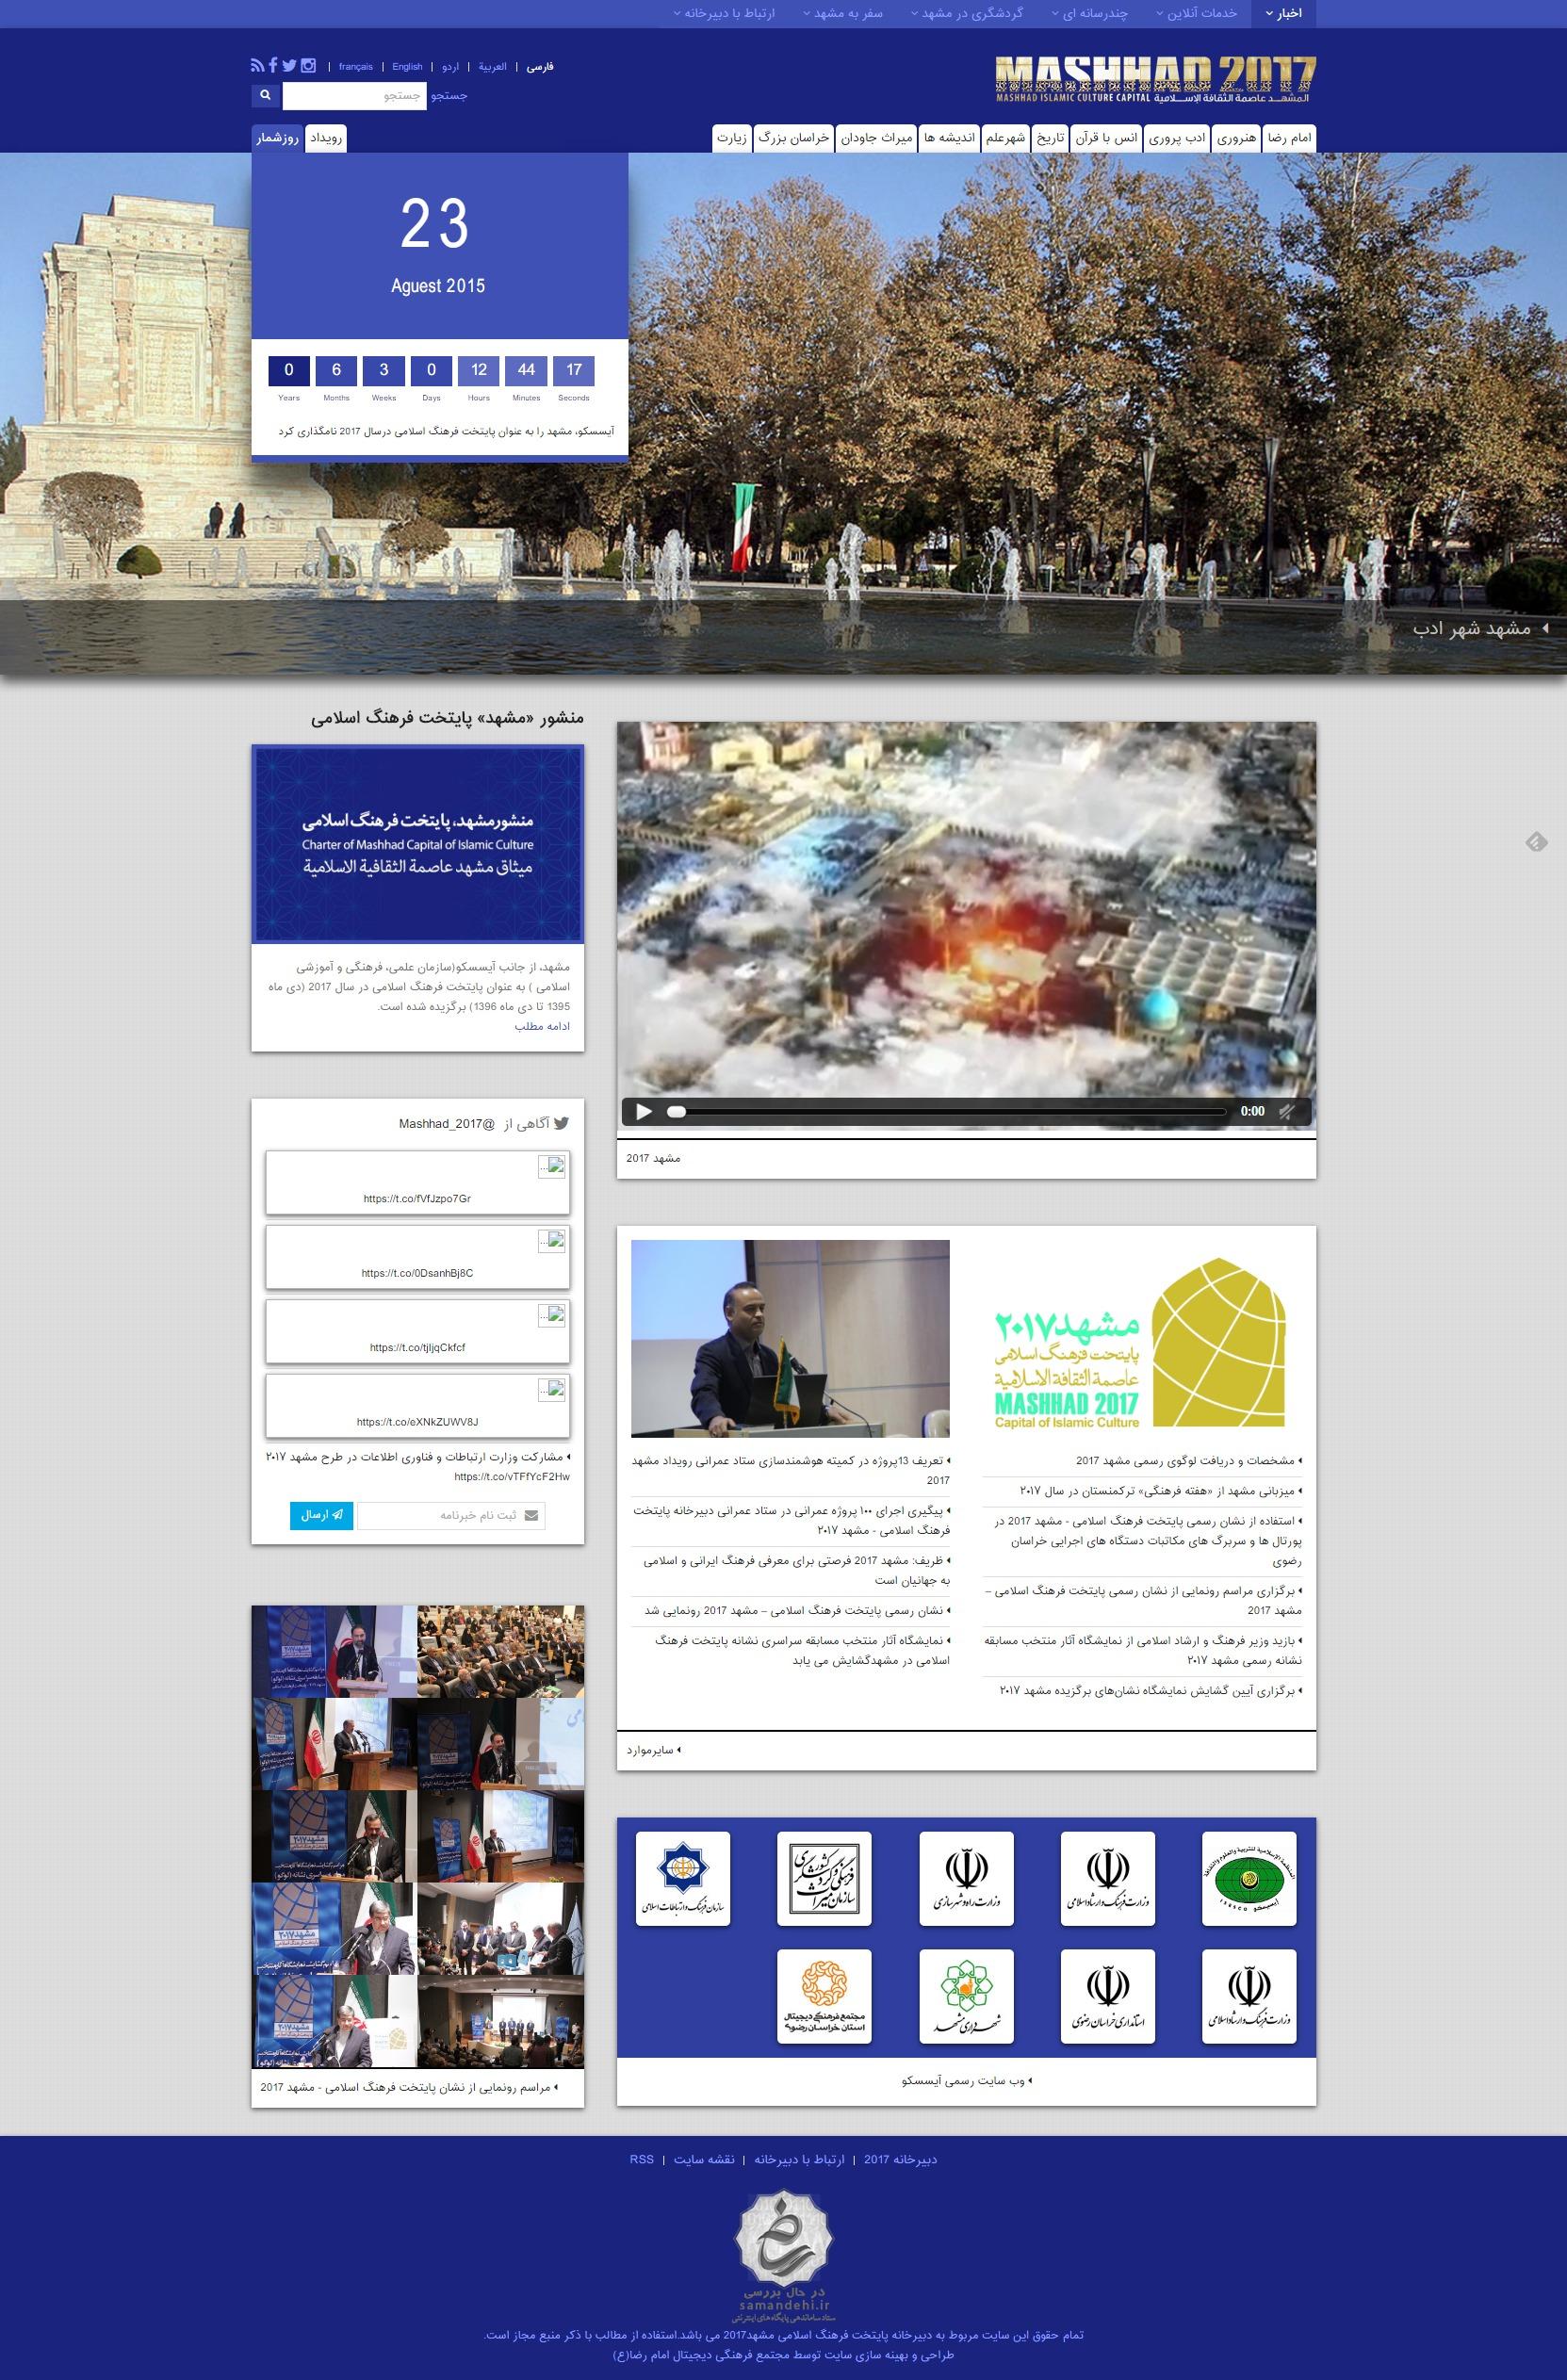 وب سایت رسمی مشهد 2017